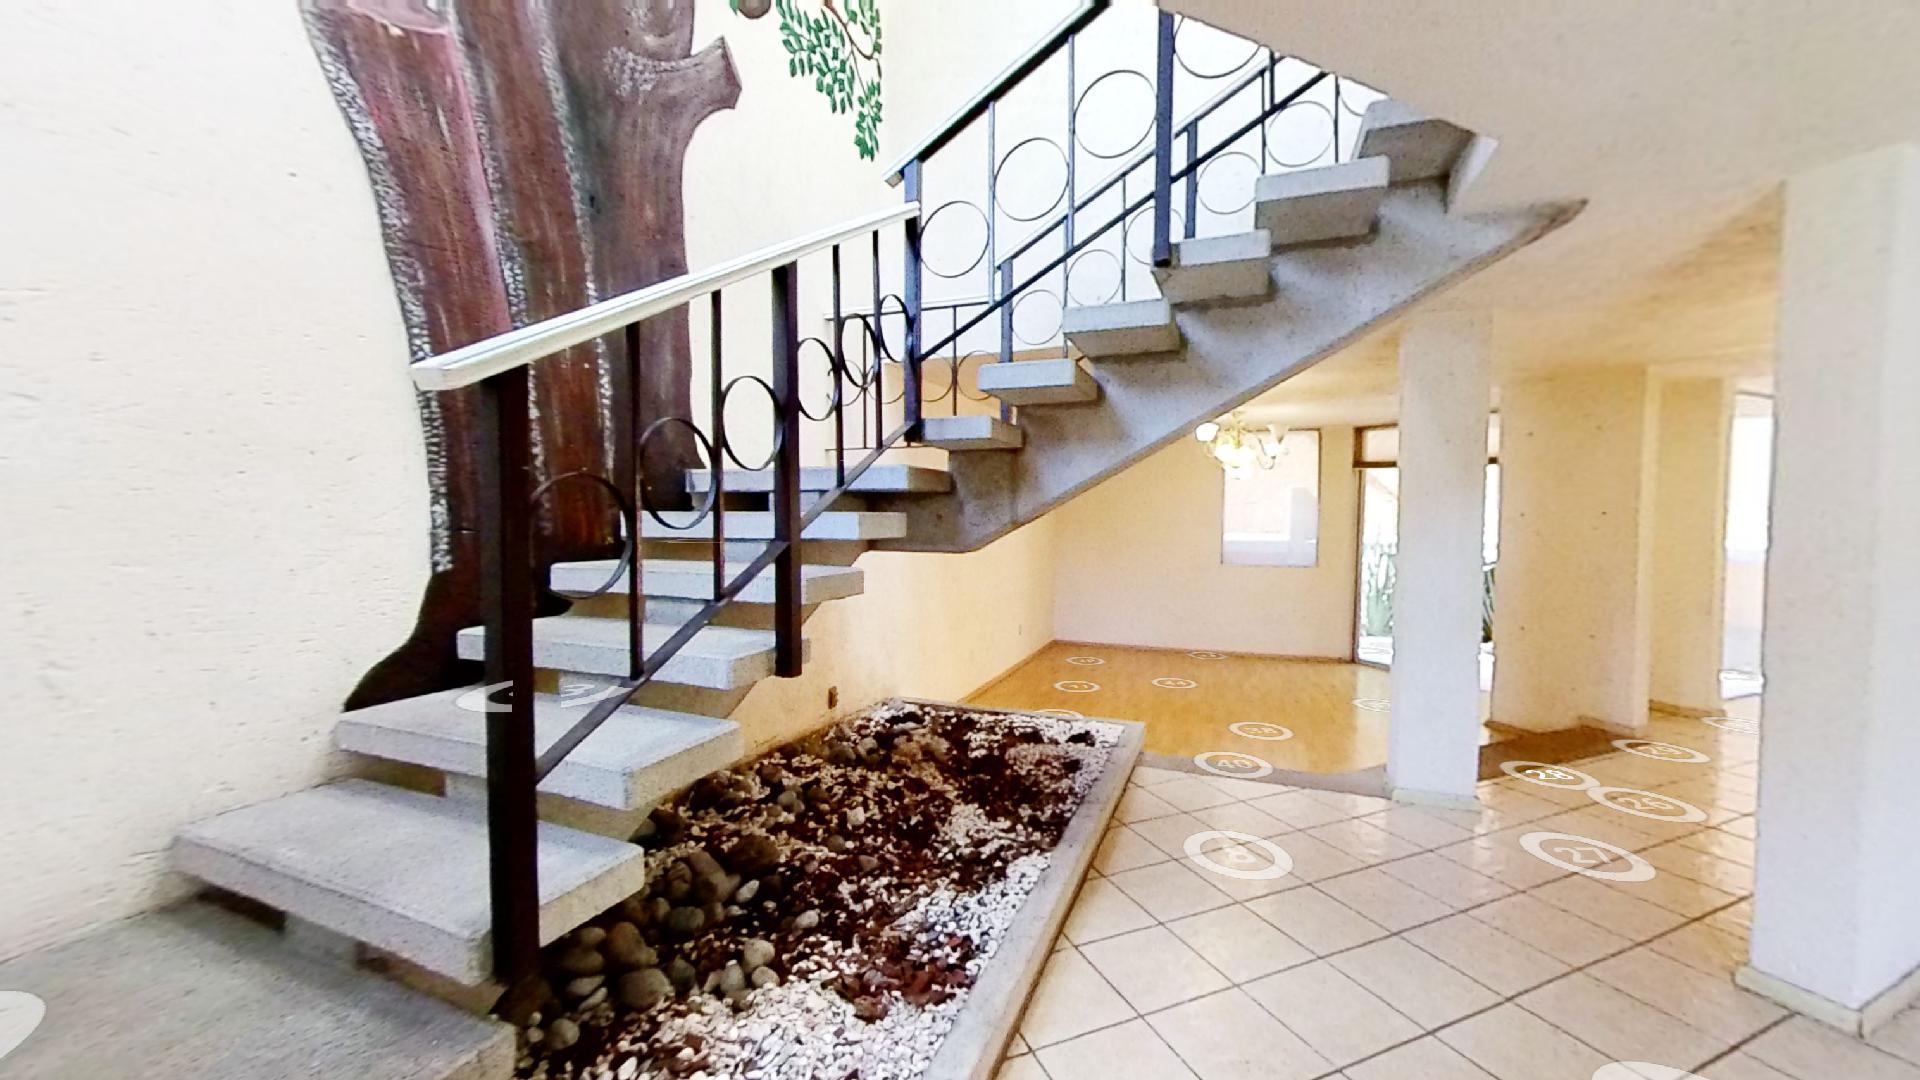 Casa en venta de 3 recámaras en Condominio Los Fresnos, Naucalpan de Juárez, entre Lomas Verdes y Jardines de San Mateo, EDOMEX. Escalera